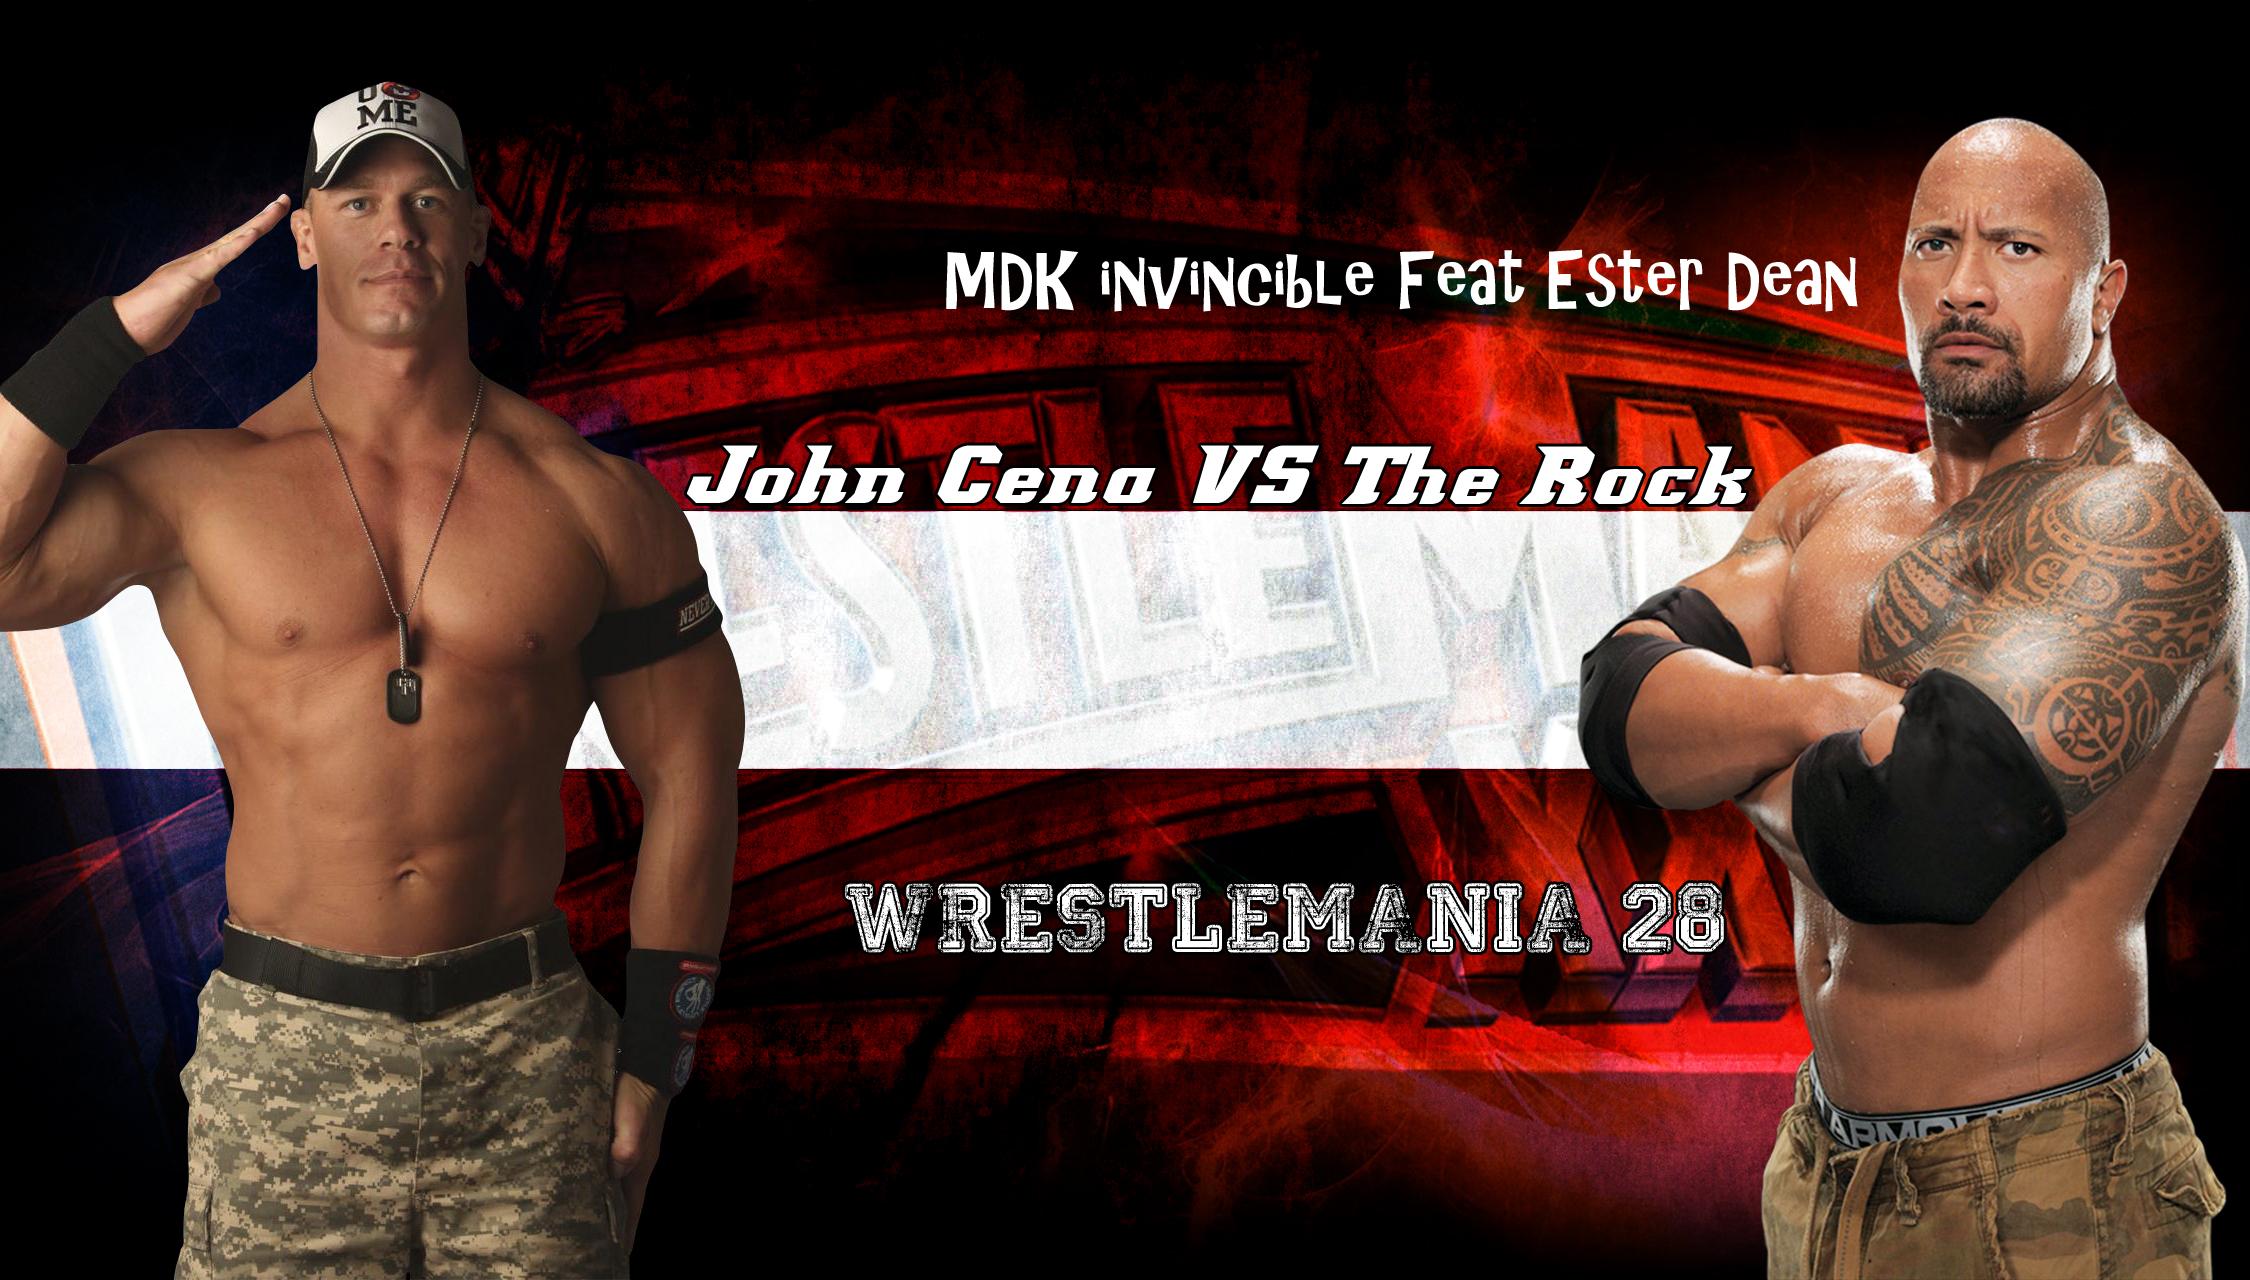 WWE Wrestlemania 28 John Cena vs The Rock  V55cgqwd8av7vfybisdg